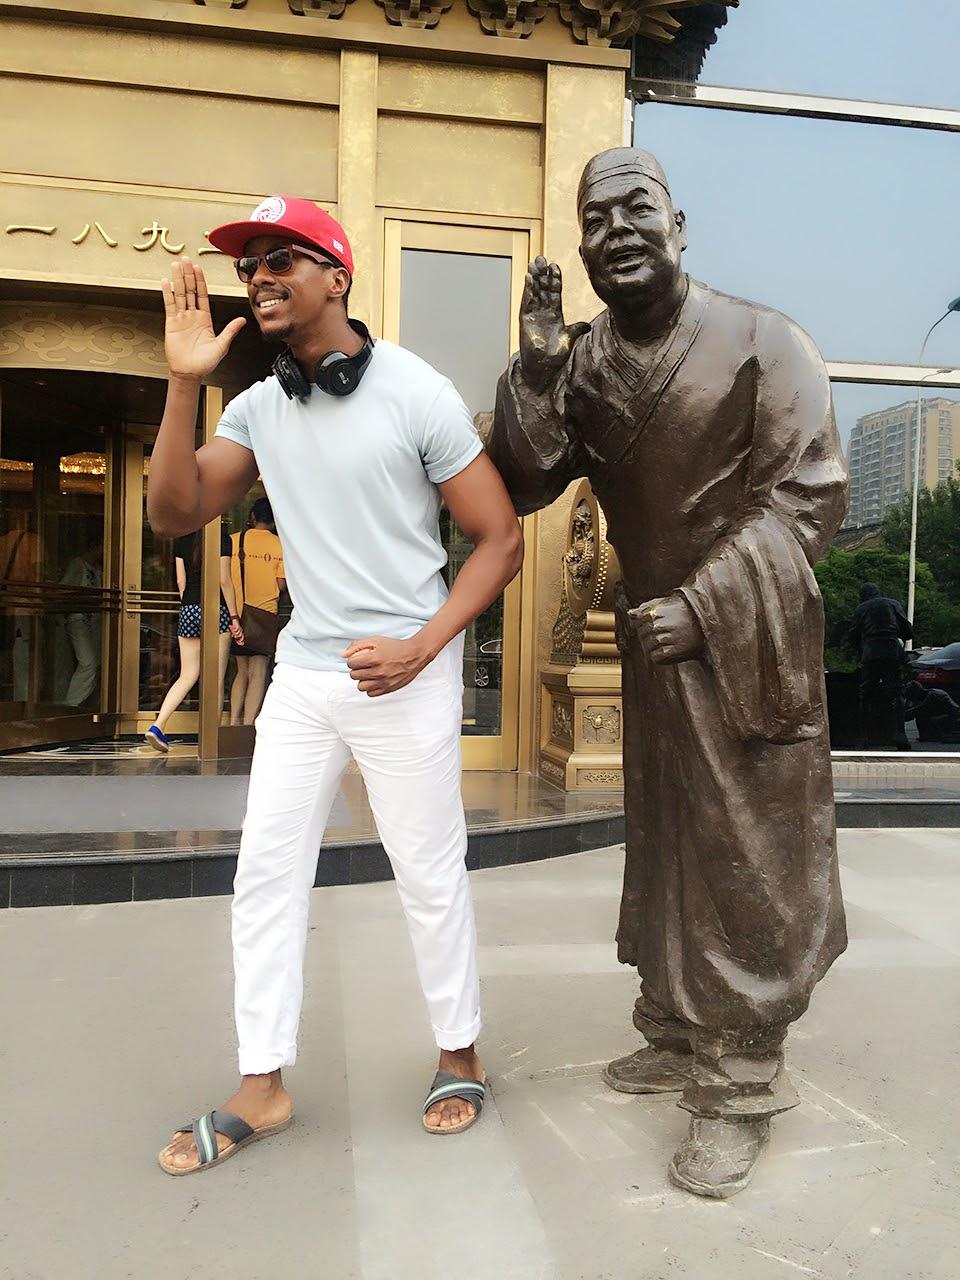 Jay in China